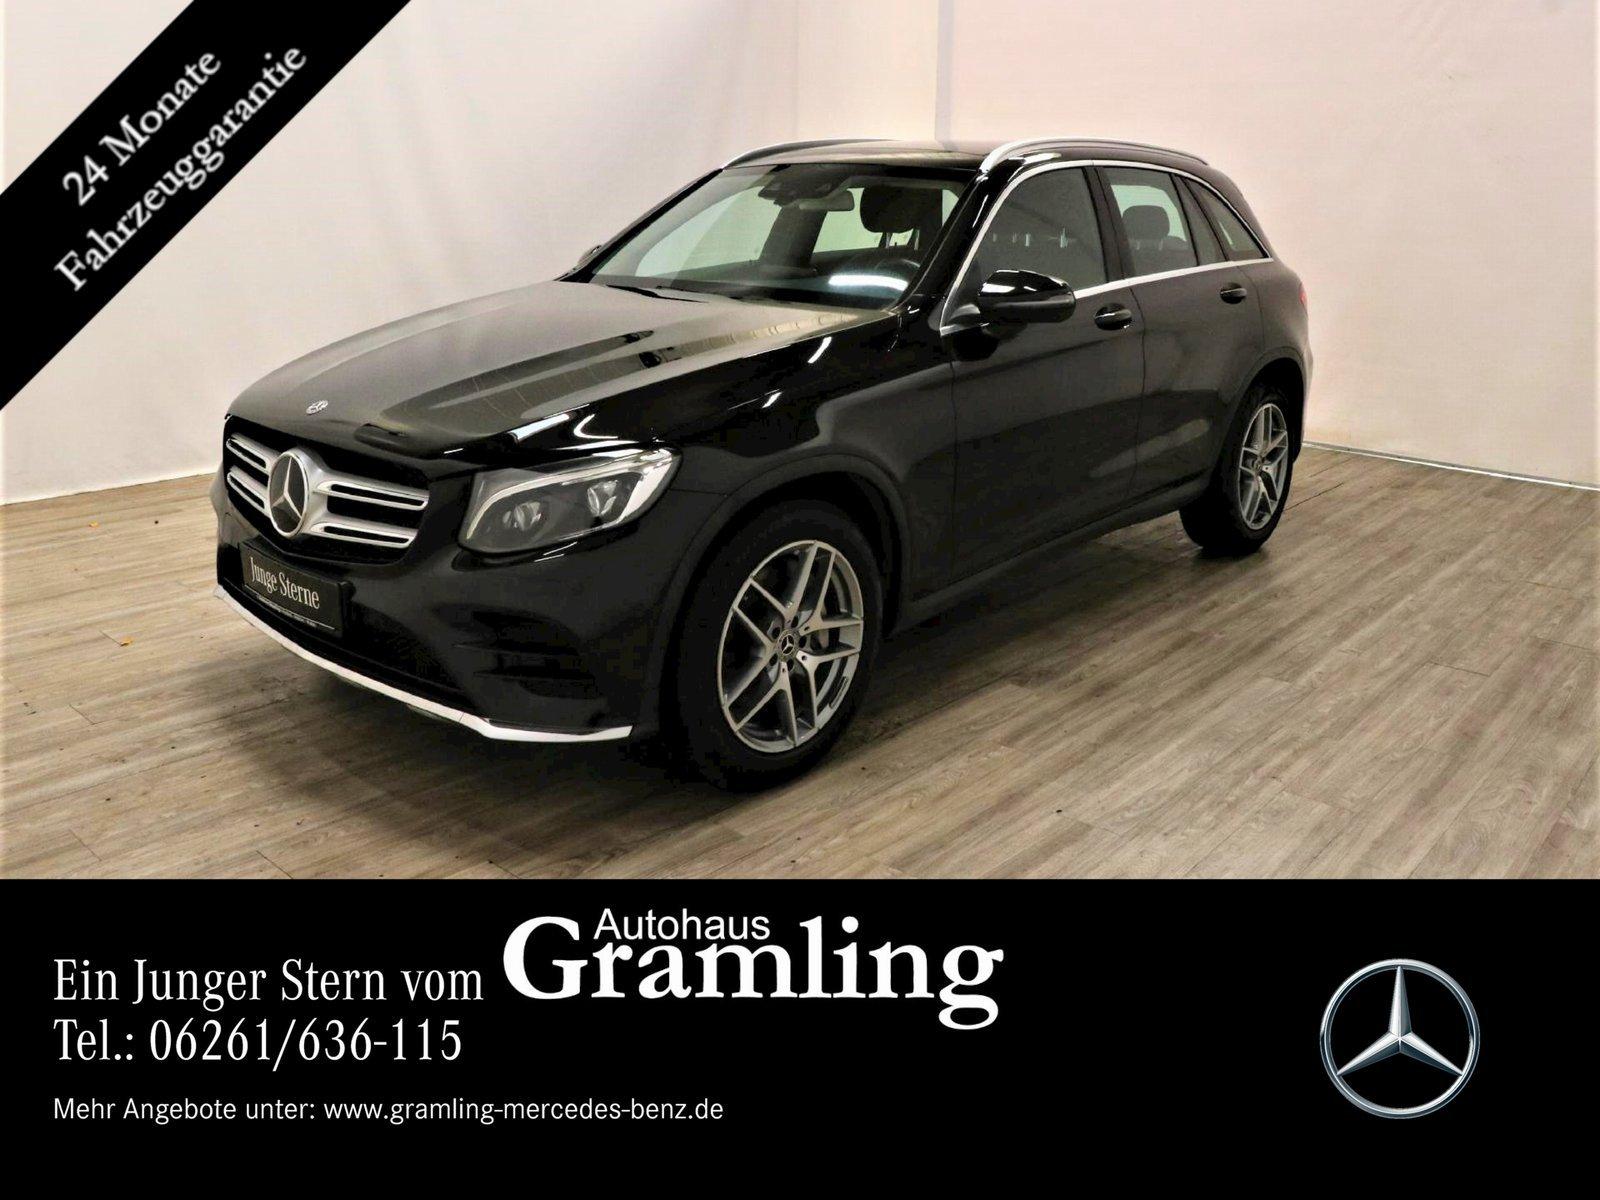 Mercedes-Benz GLC 350 d 4M *AMG*Pano*Kamera*ILS*Distron*COMAND, Jahr 2017, Diesel